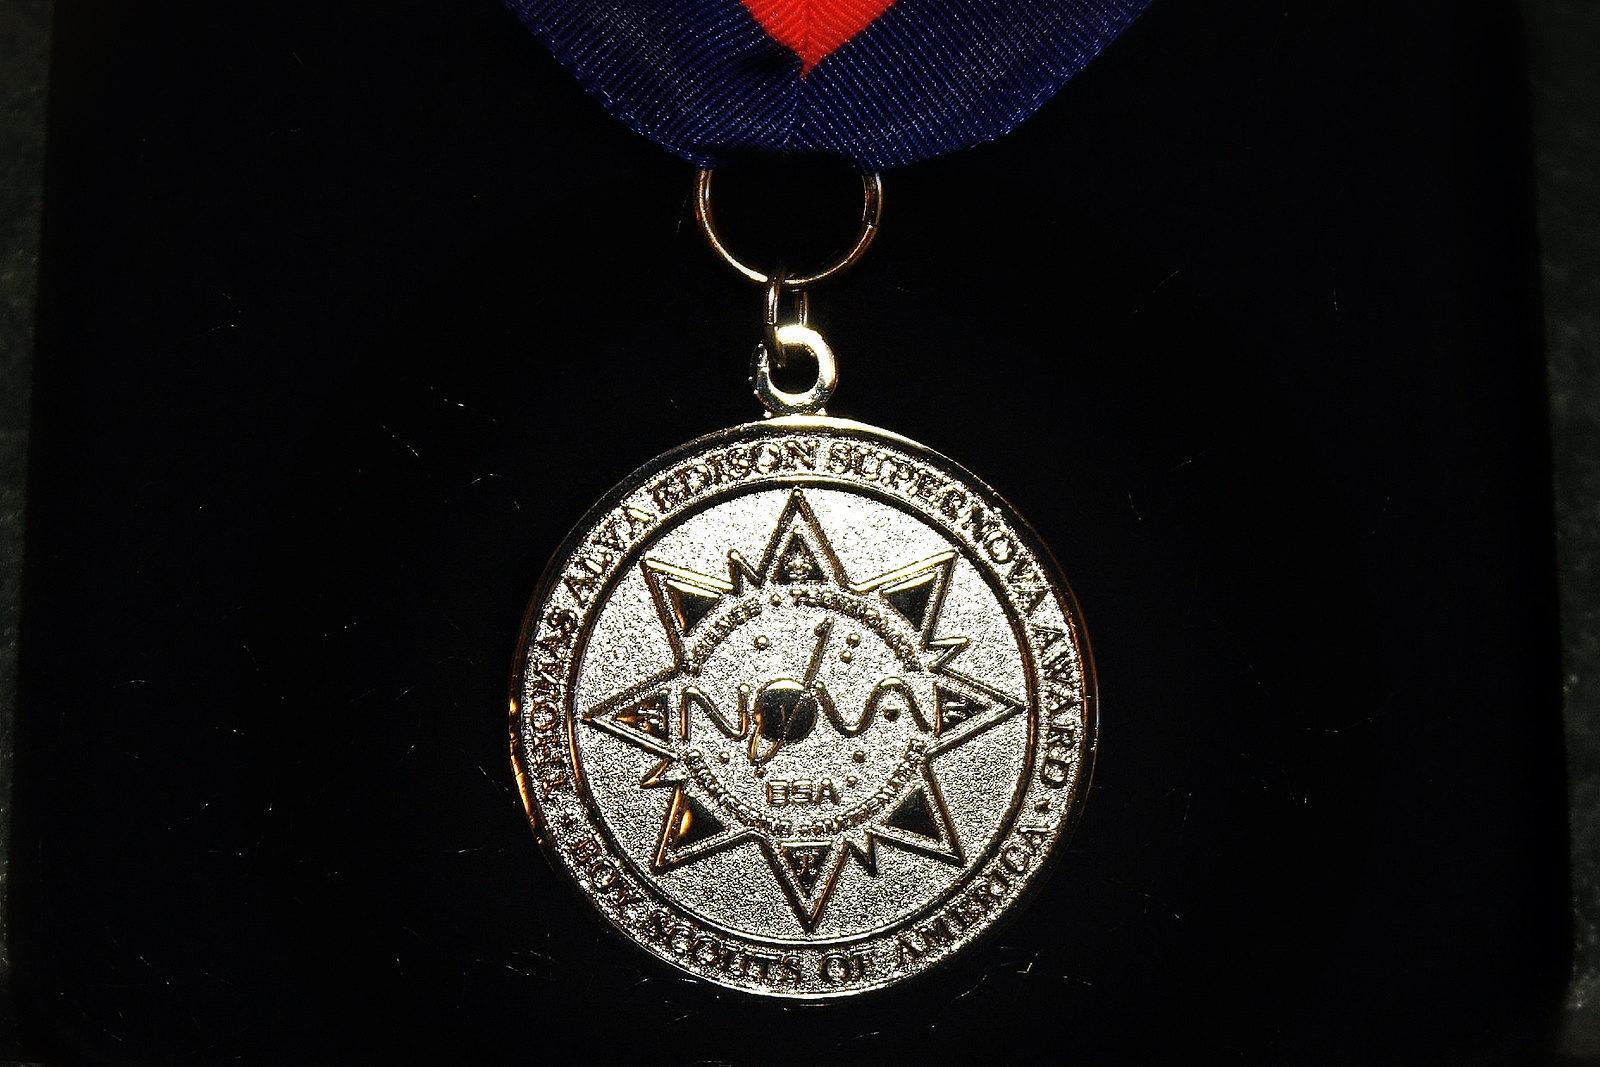 stem supernova award - photo #8